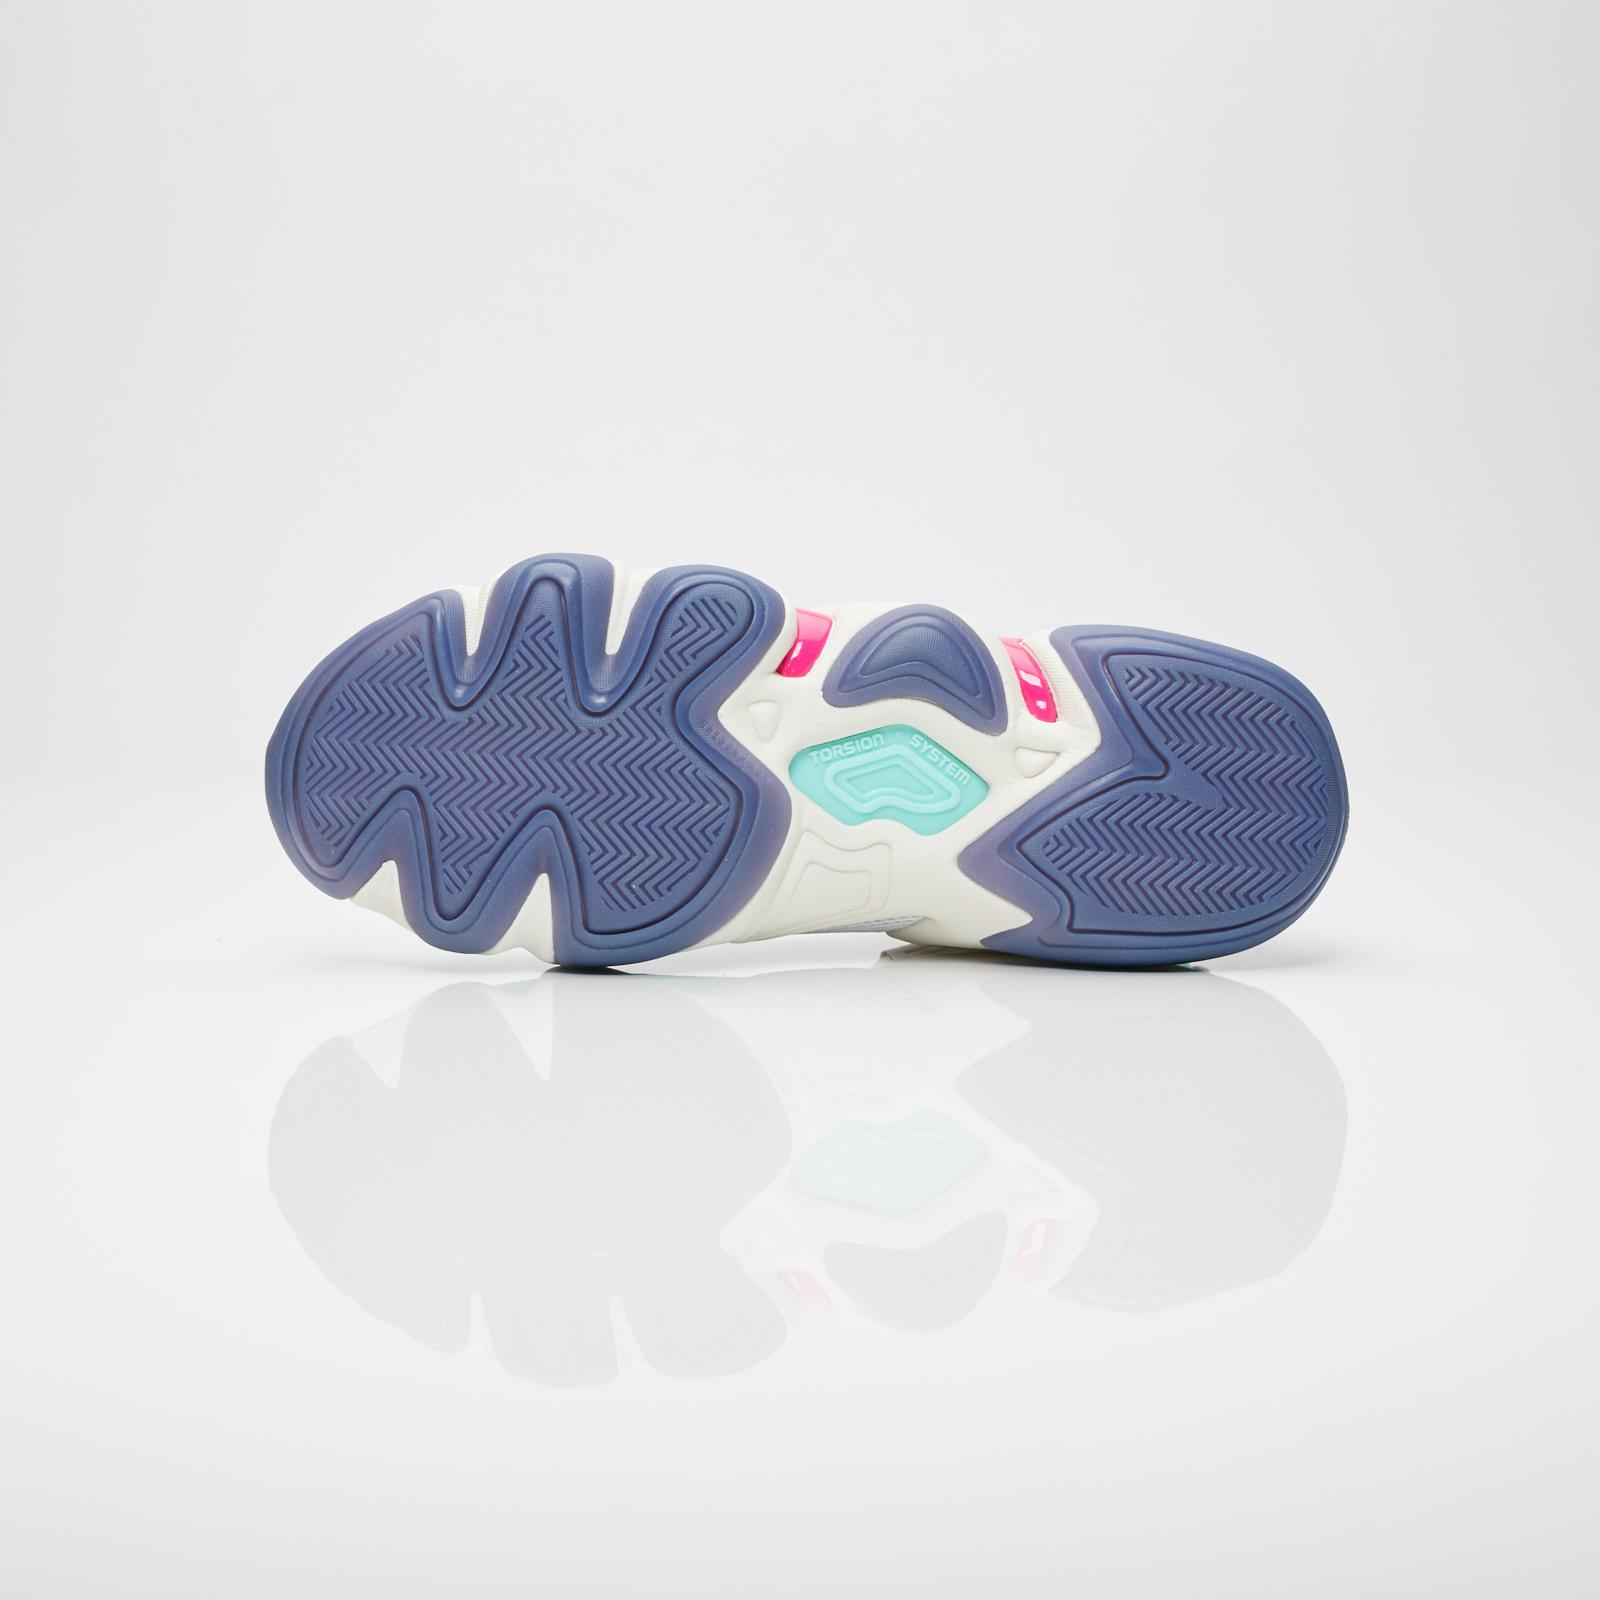 first rate 91a4a ed029 ... adidas Consortium Crazy 8 x Nice Kicks ...